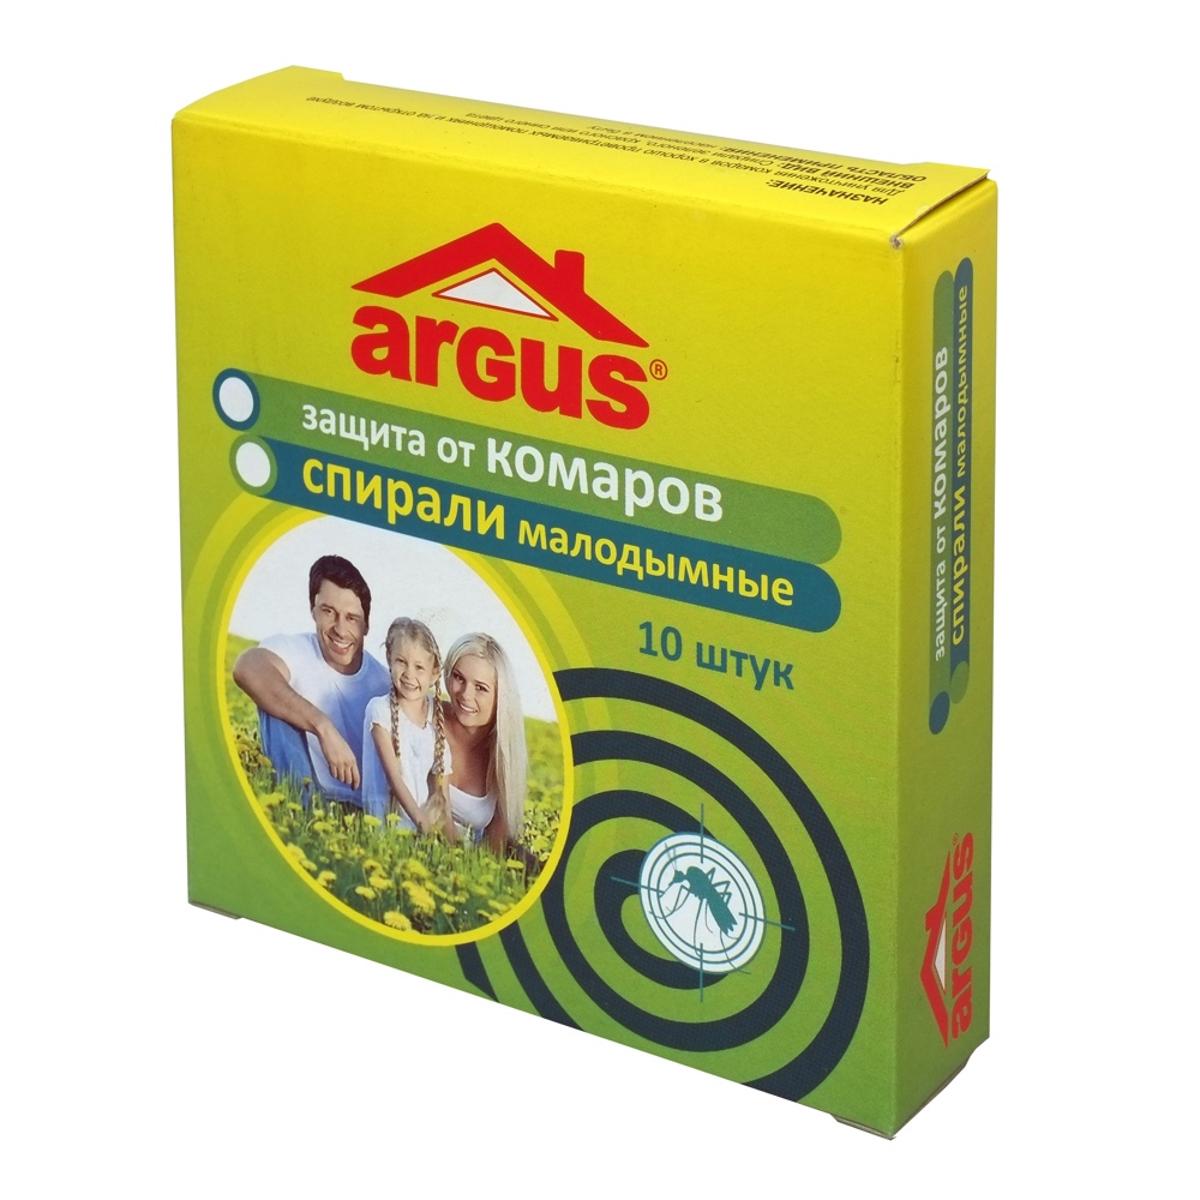 Спирали от комаров Argus, малодымные , 10 шт870334Малодымные спирали Argus предназначены для уничтожения комаров и других летающих насекомых (мошки, мокрецы, москиты) на открытом воздухе (сад, приусадебный участок, беседка, открытая терраса, веранда) в присутствии взрослых людей, а так же в закрытых помещениях в отсутствии людей.Тление спирали сопровождается выделением незначительного количества дыма. Резерв спирали весом в 13 г - 7 часов. Гибель комаров в помещении начинается через 1-2 минуты и достигает 100% через 10-15 минут.Состав: действующее вещество - d-аллетрин 0,2%, краситель, окислитель, консервант.